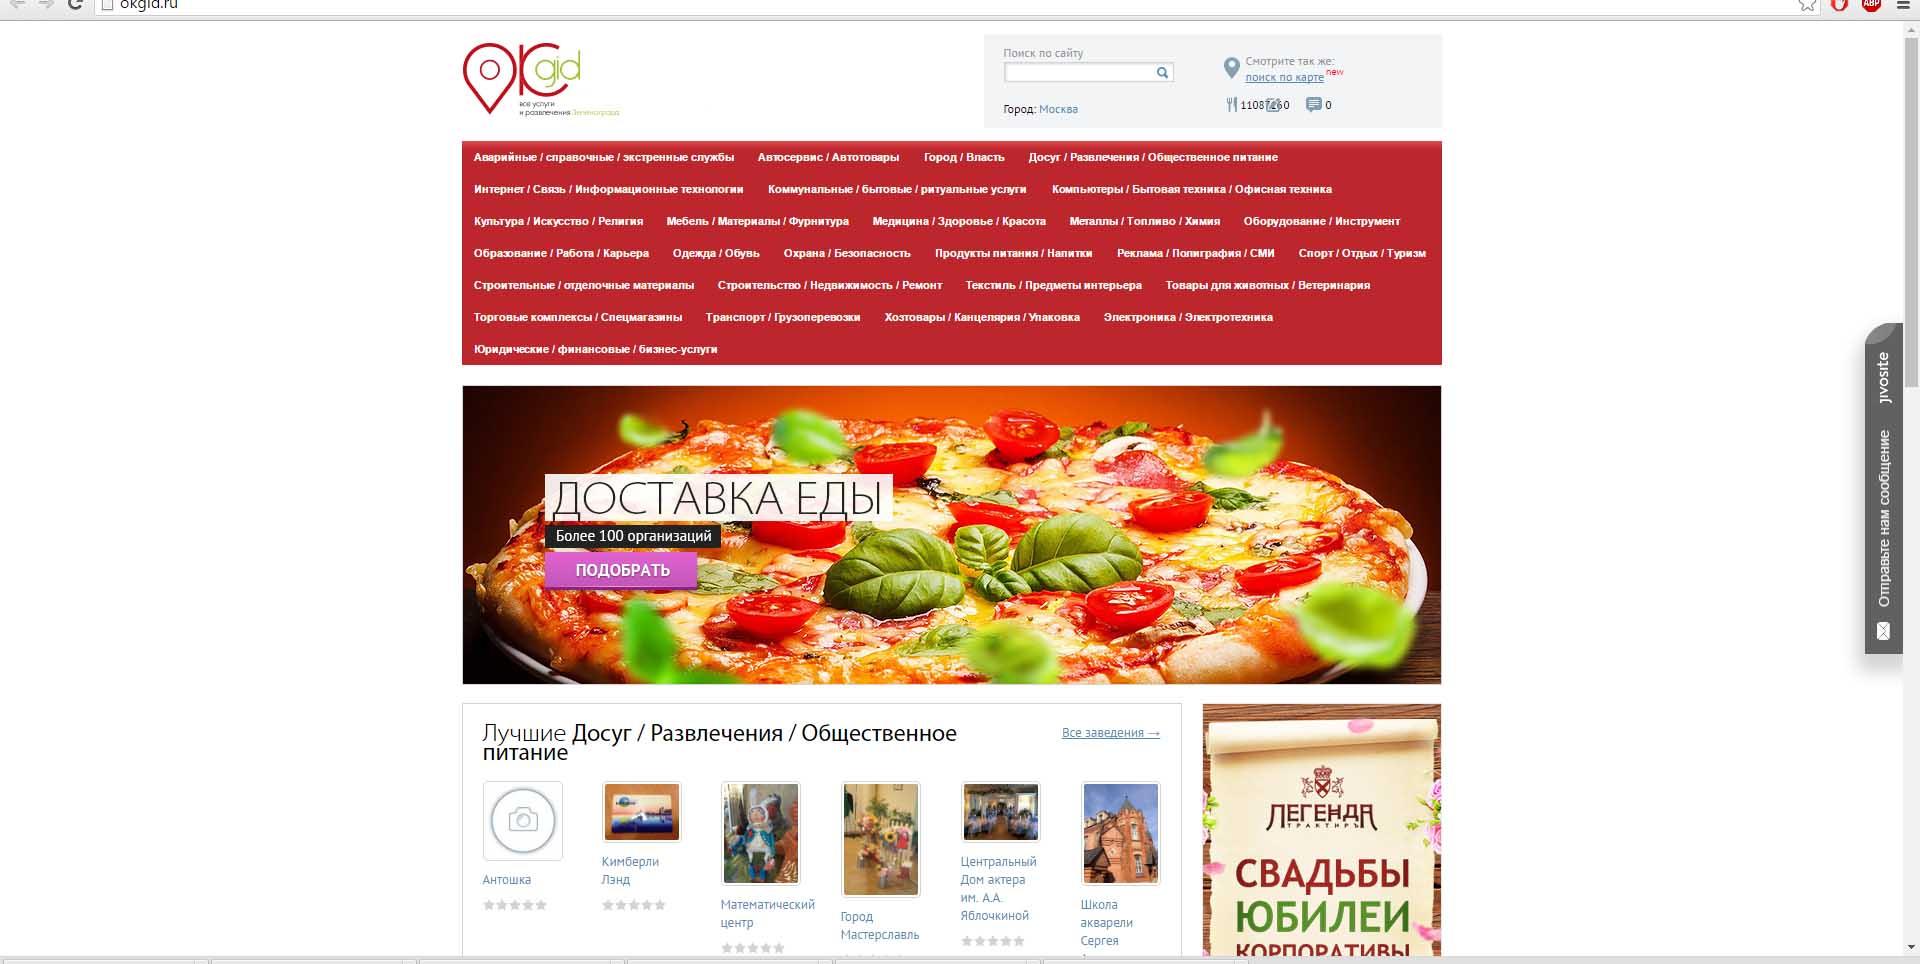 Логотип для сайта OKgid.ru фото f_57257c5cfa578a21.jpg